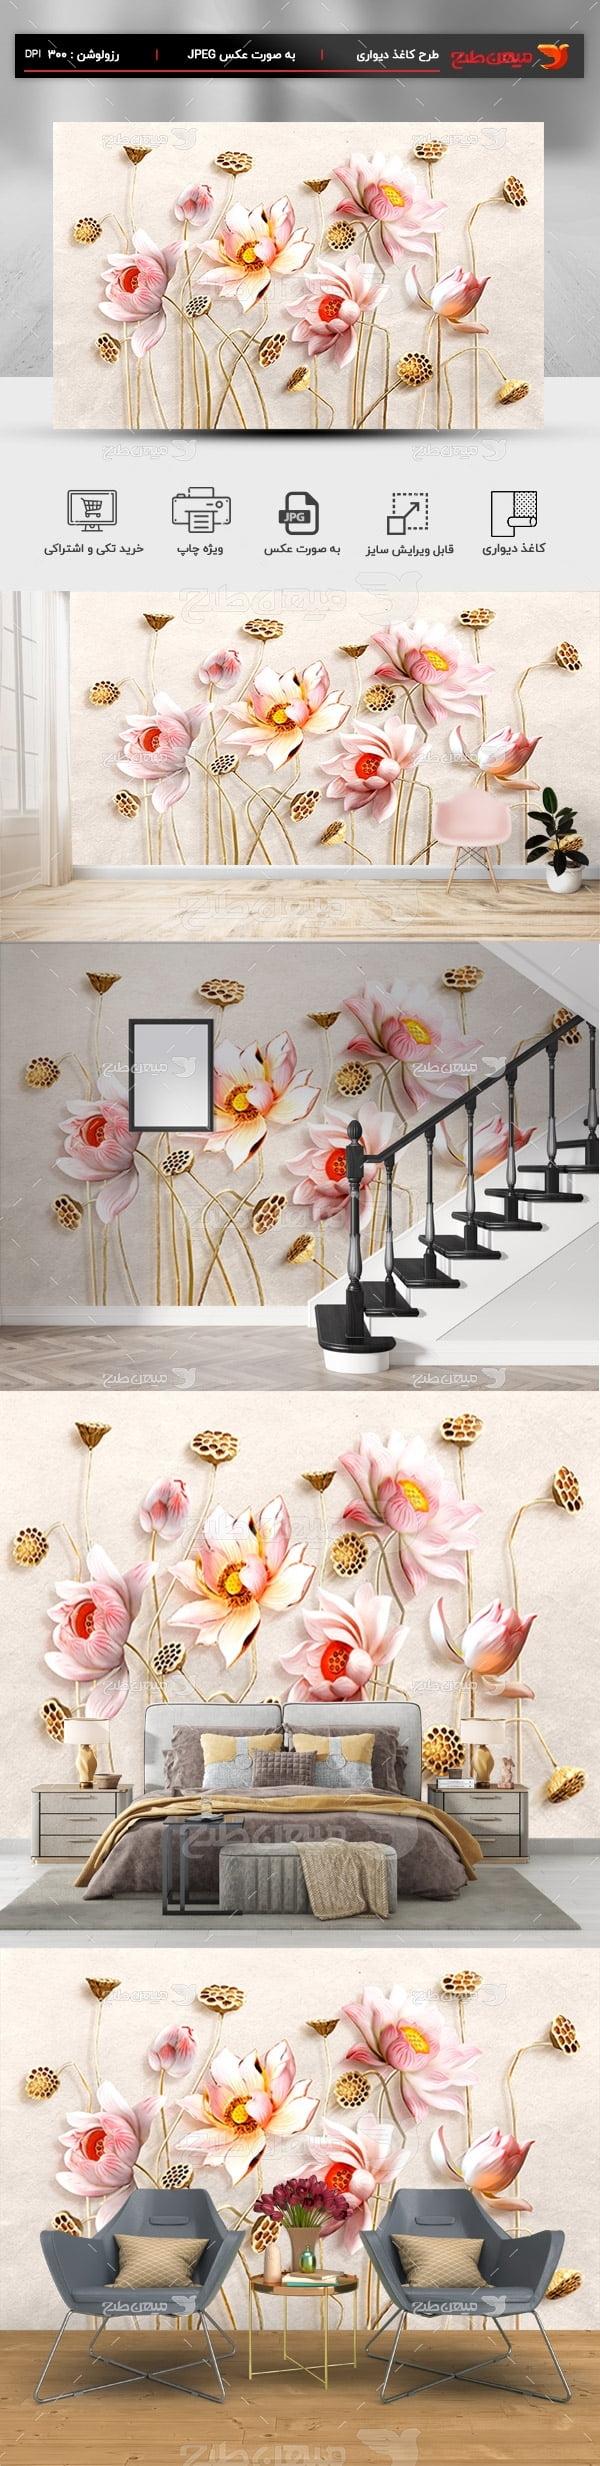 پوستر کاغذ دیواری سه بعدی کرم با گل صورتی